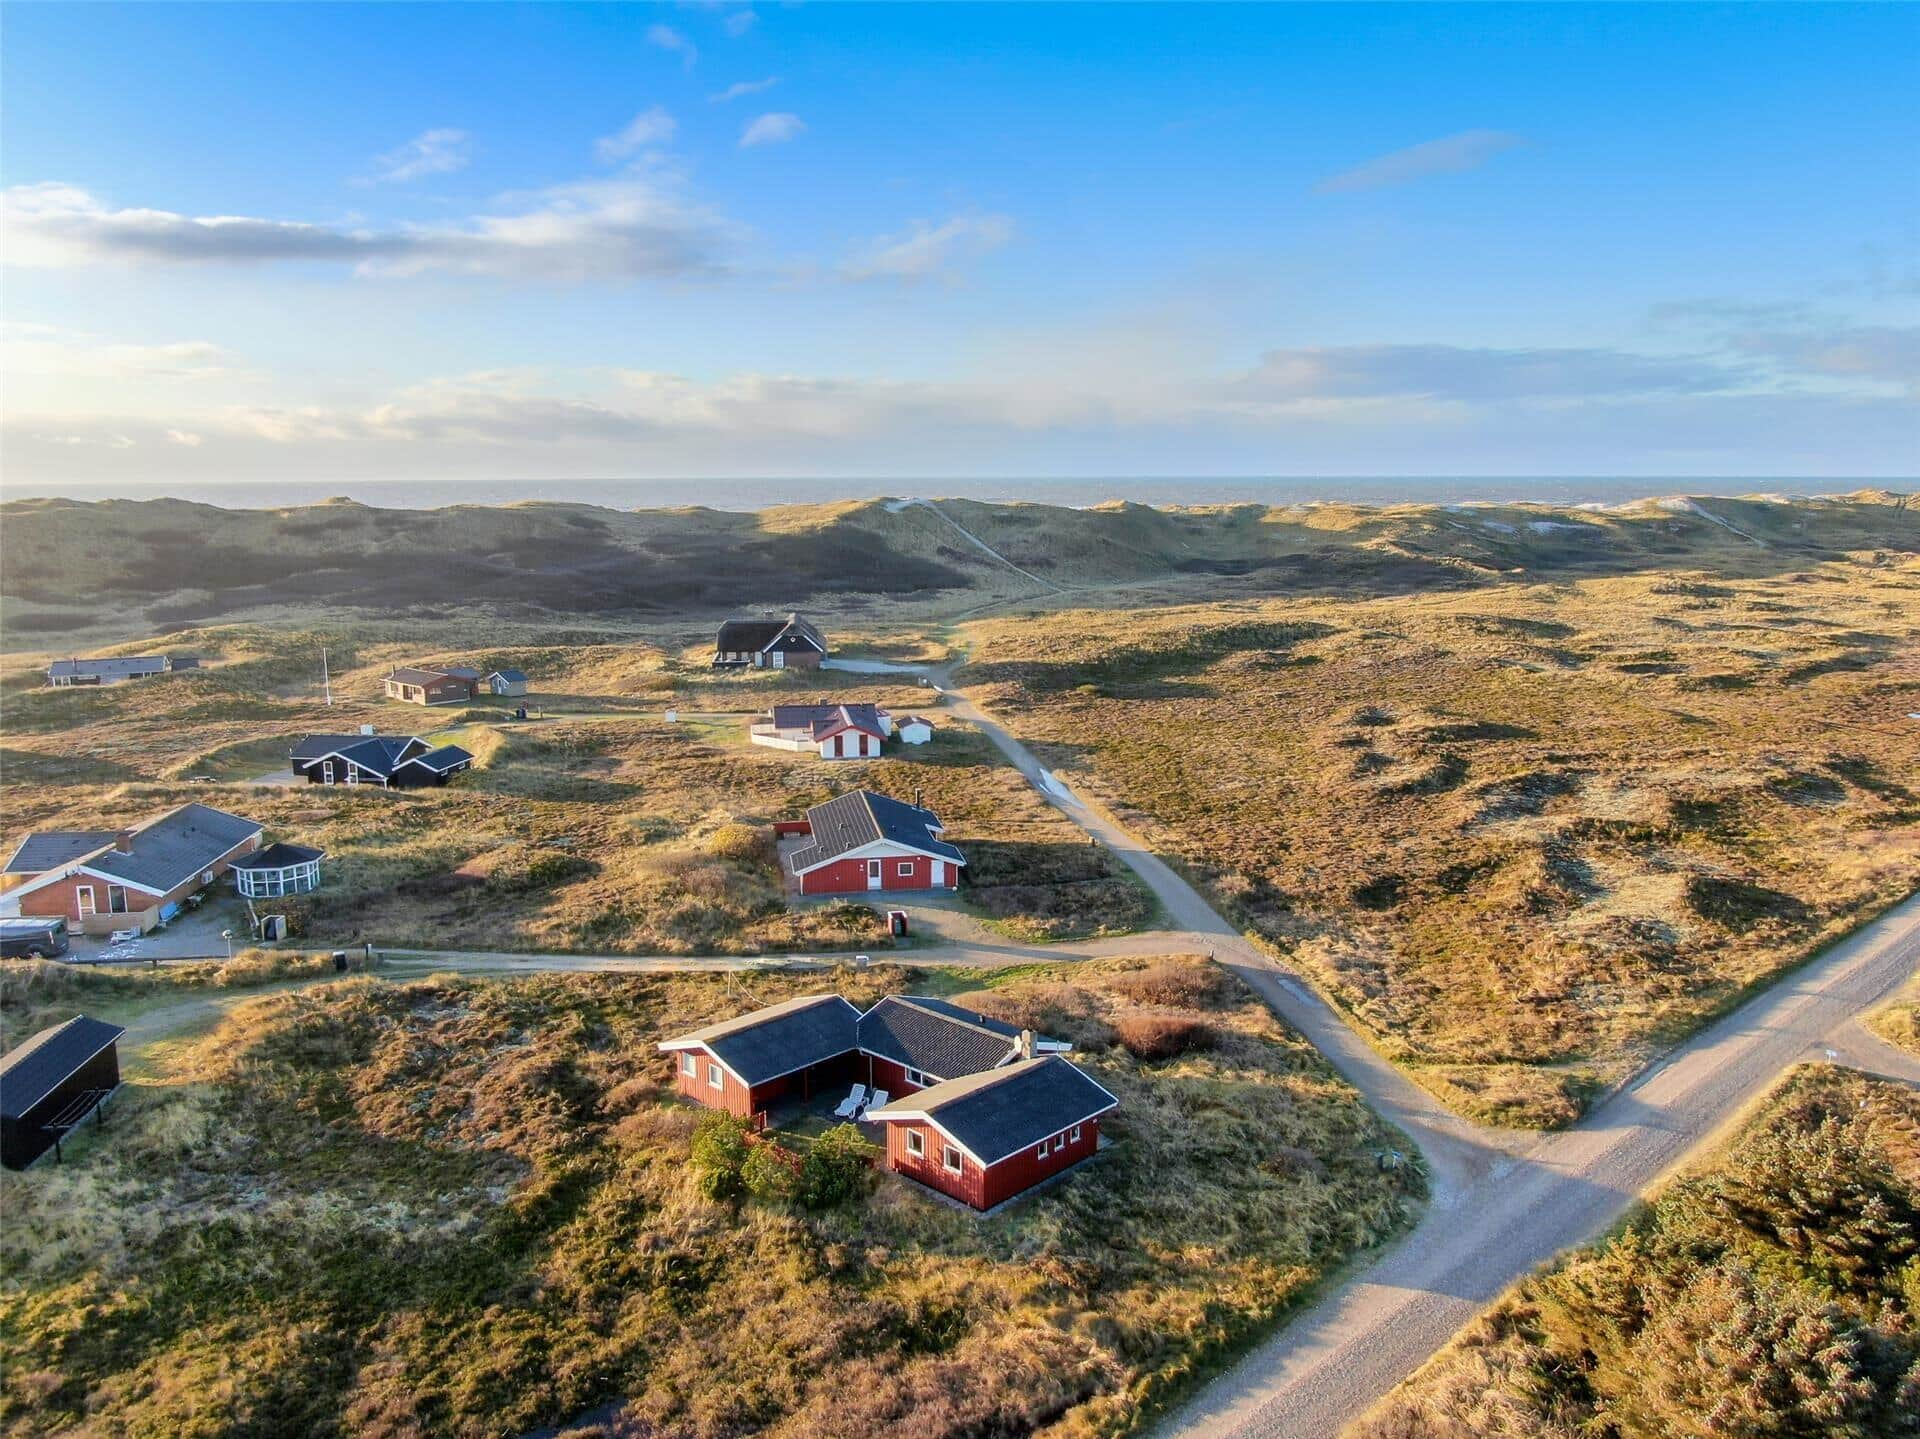 Image 1-4 Holiday-home 414, Tingodden 55, DK - 6960 Hvide Sande